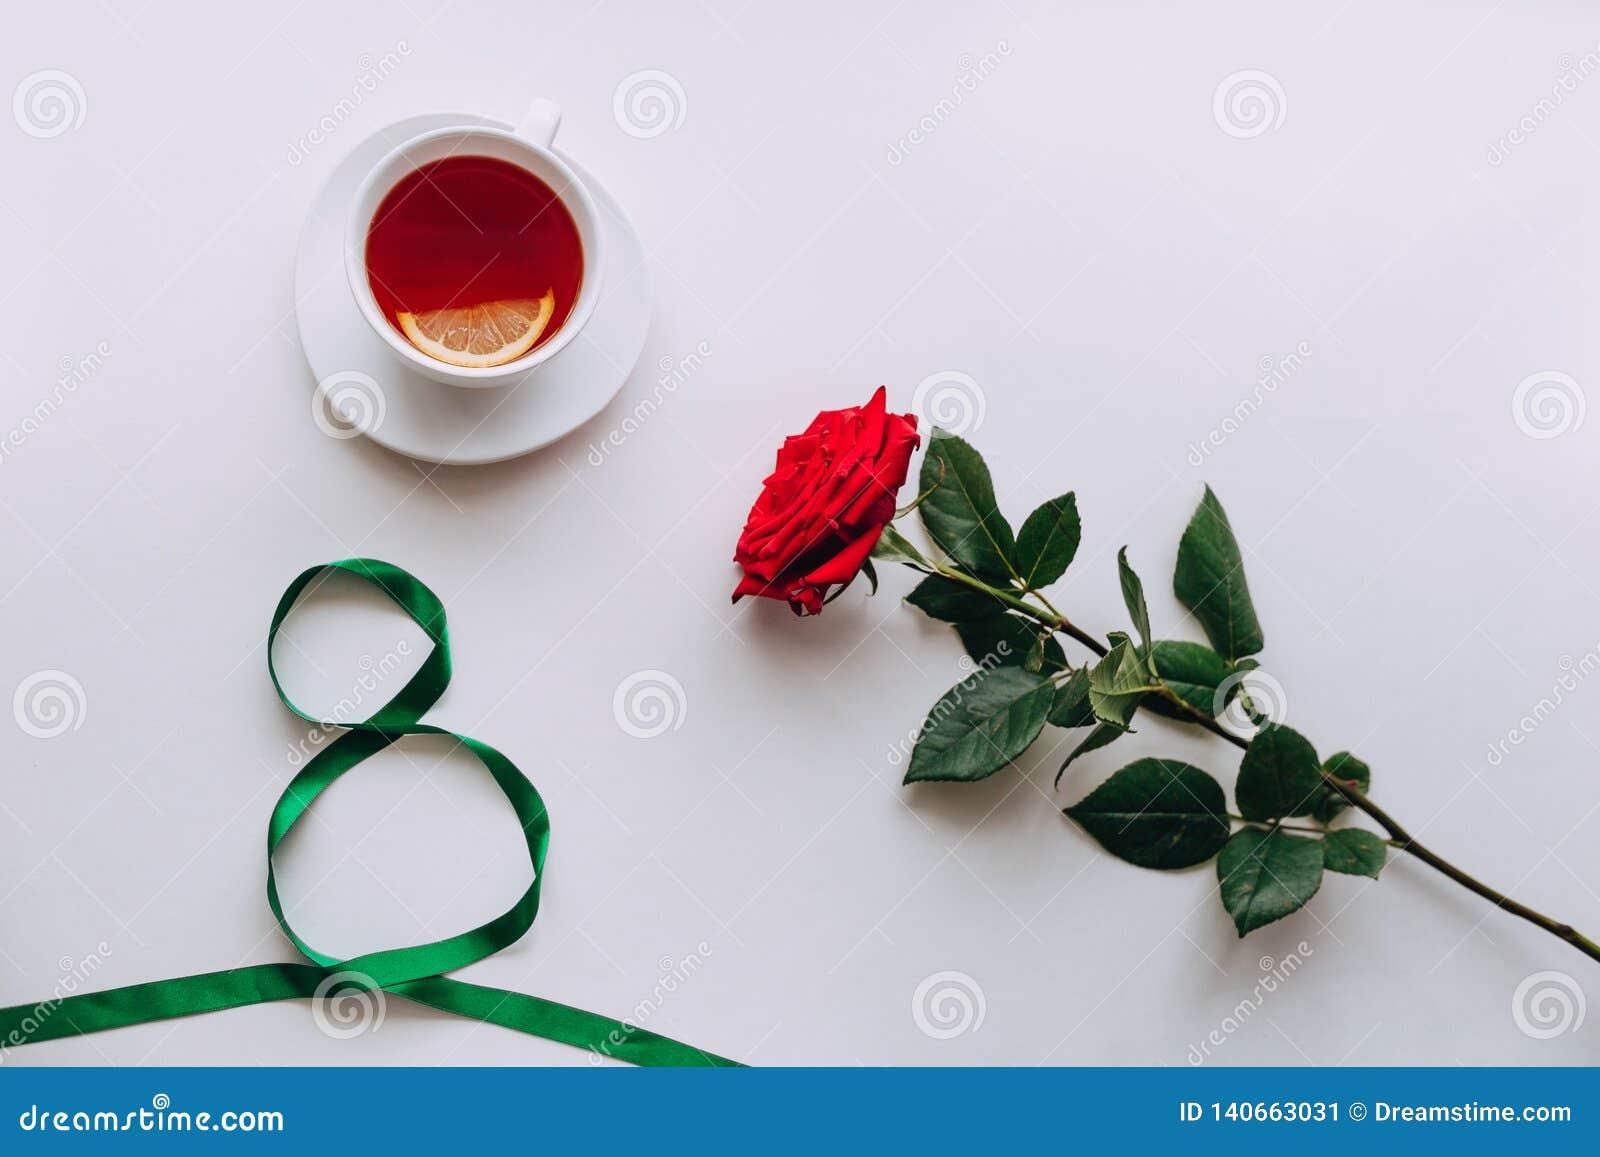 Rosa vermelha em um fundo branco, fita daqui até o 8 de março